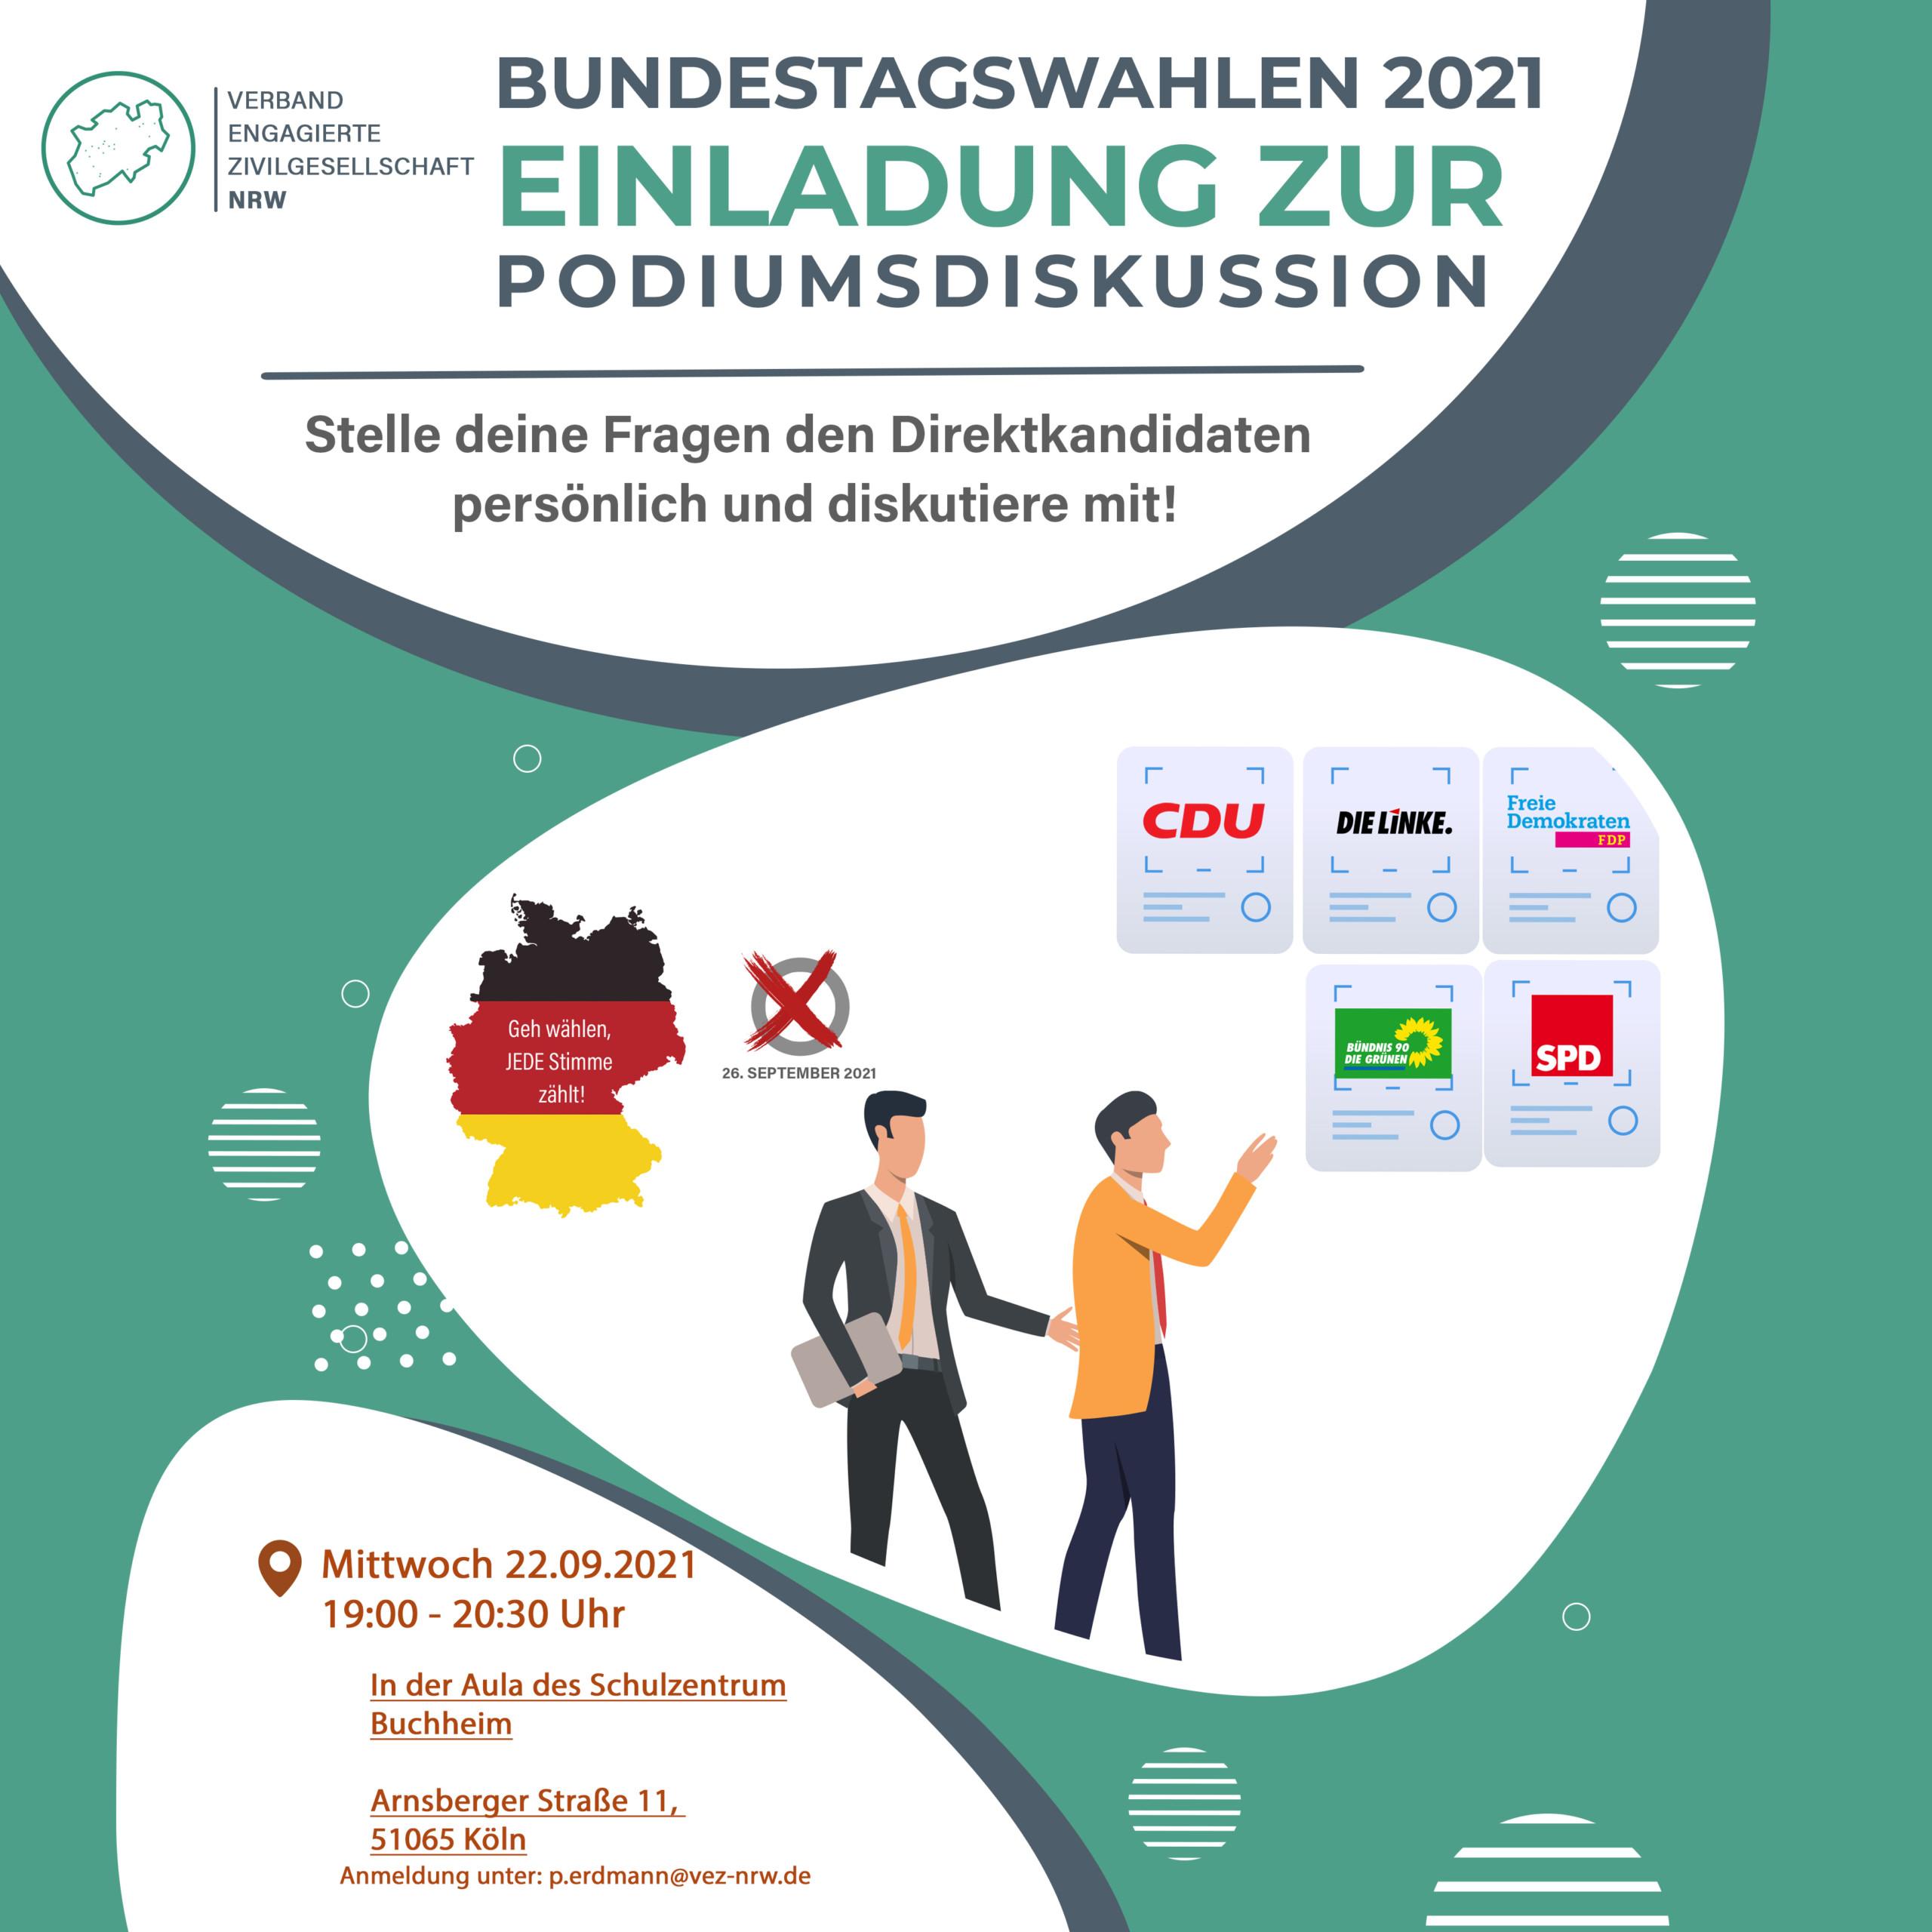 Einladung zur Podiumsdiskussion zur bevorstehenden Bundestagswahl